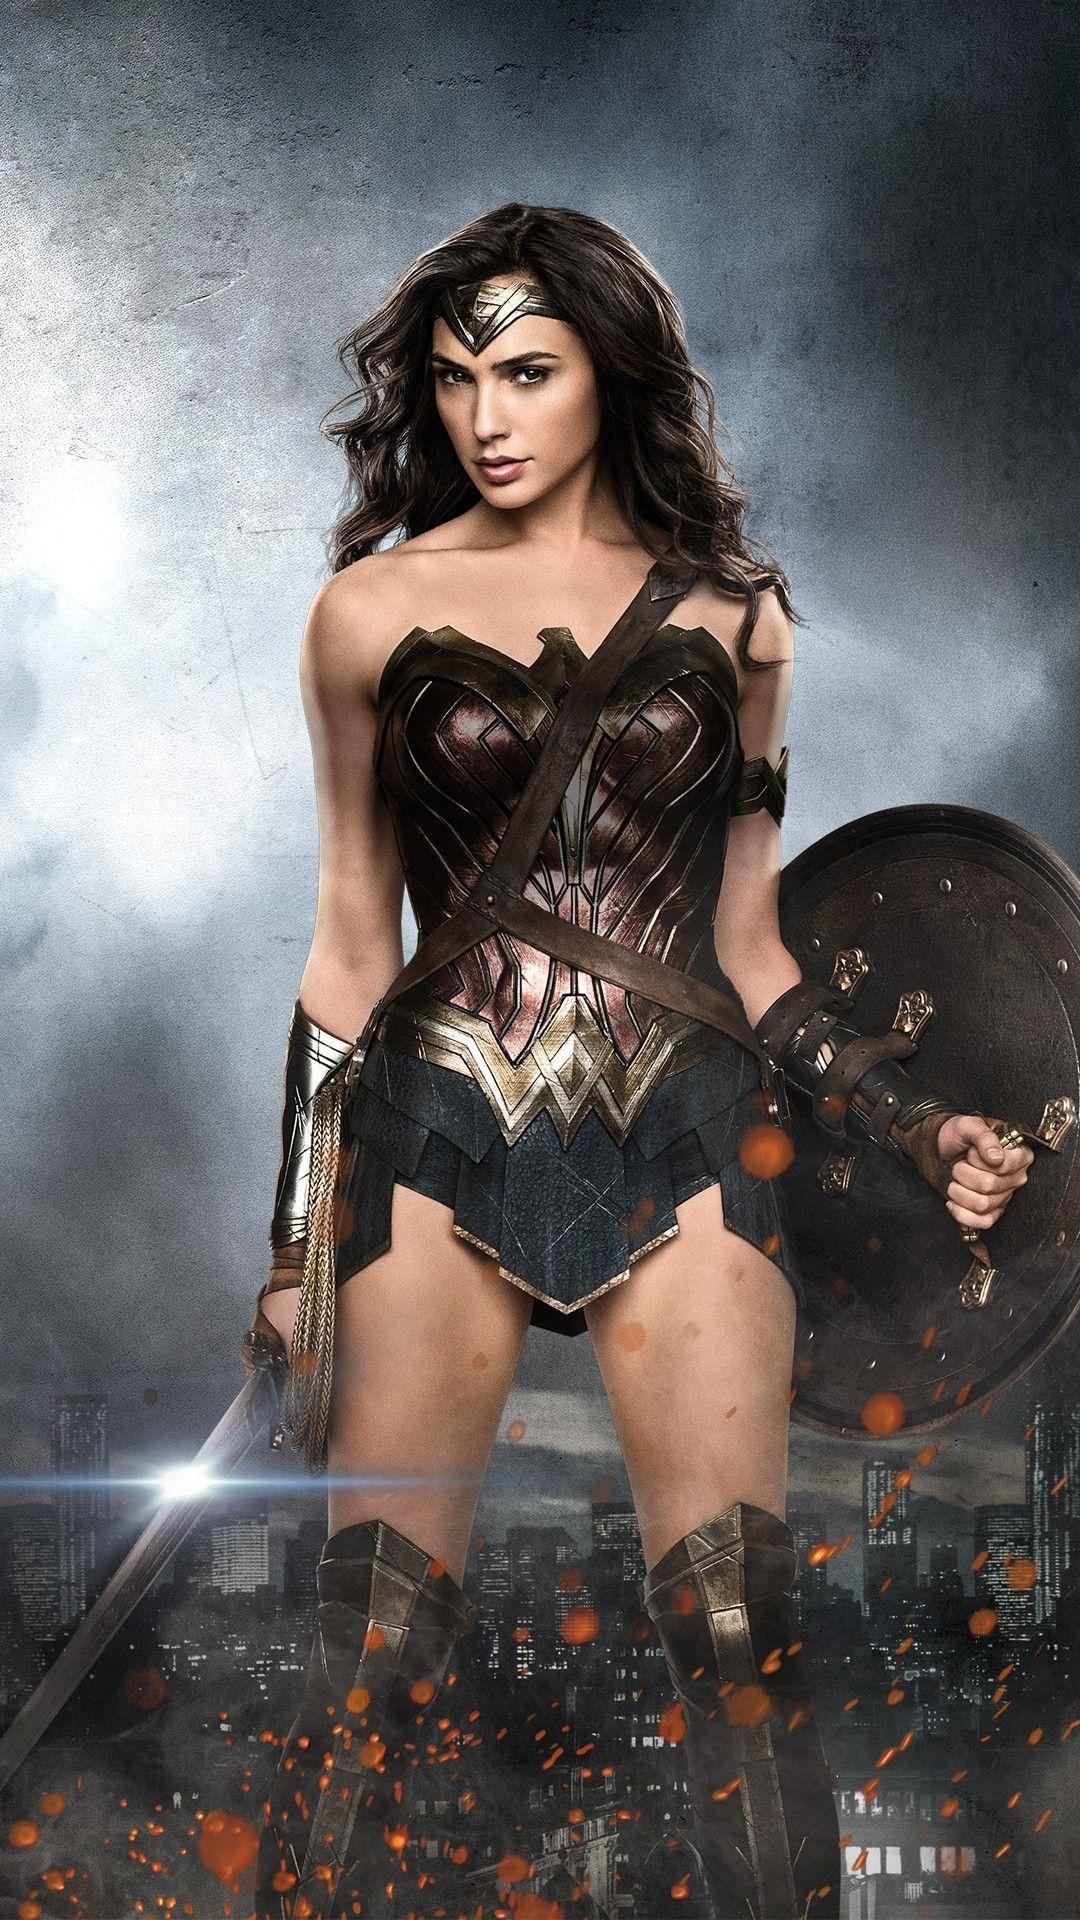 Wonder Woman Gal Gadot iPhone Wallpaper   Best iPhone Wallpaper 1080x1920